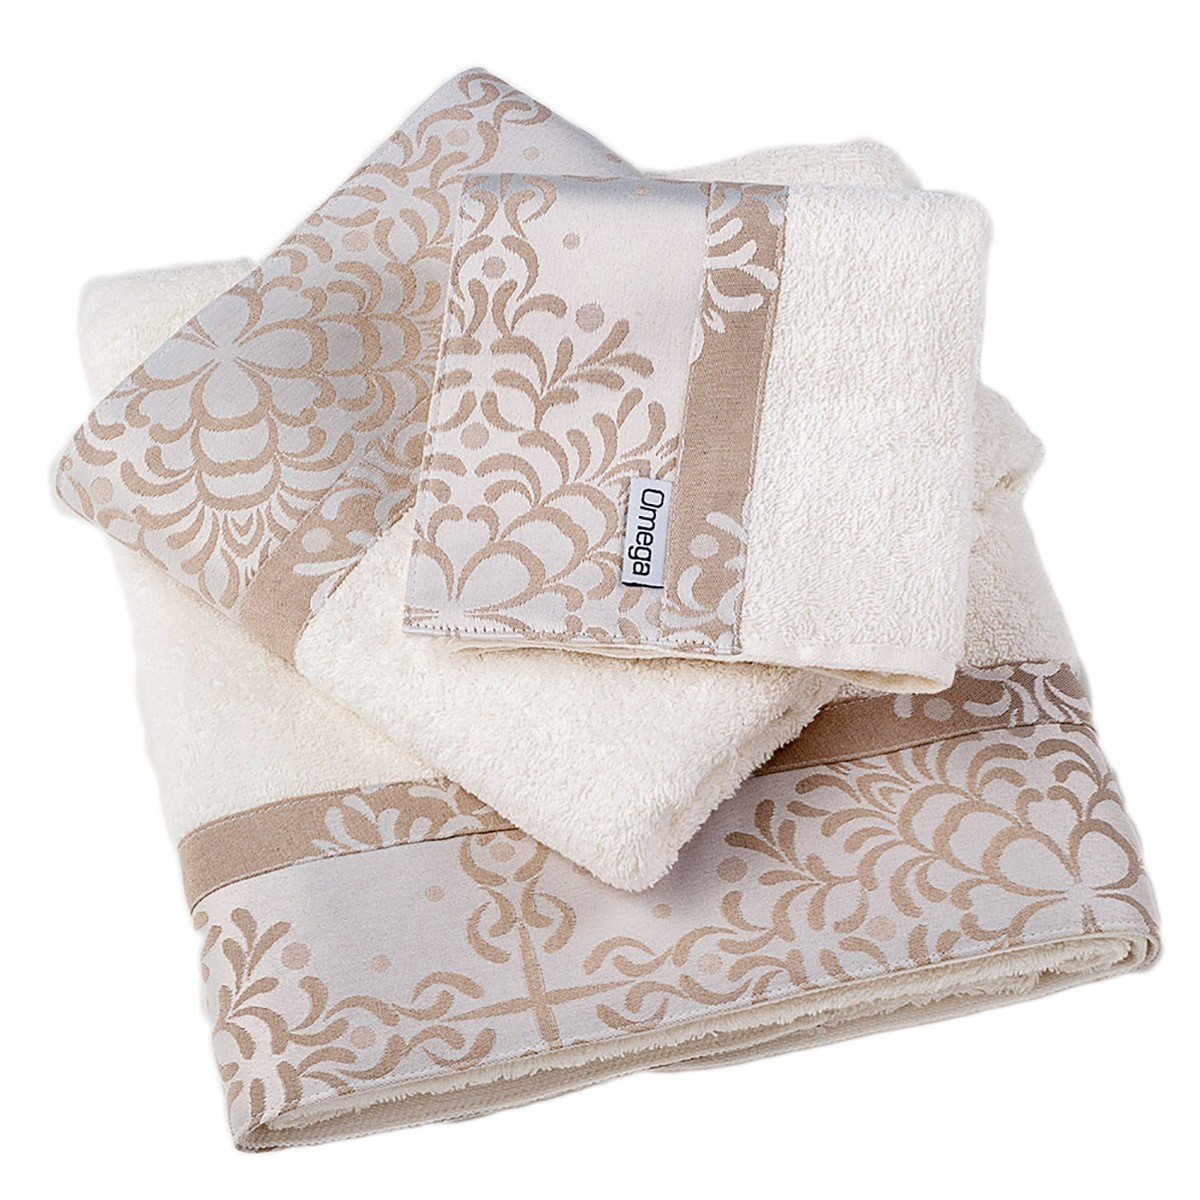 Πετσέτες Μπάνιου (Σετ 3τμχ) Omega Home Des 124